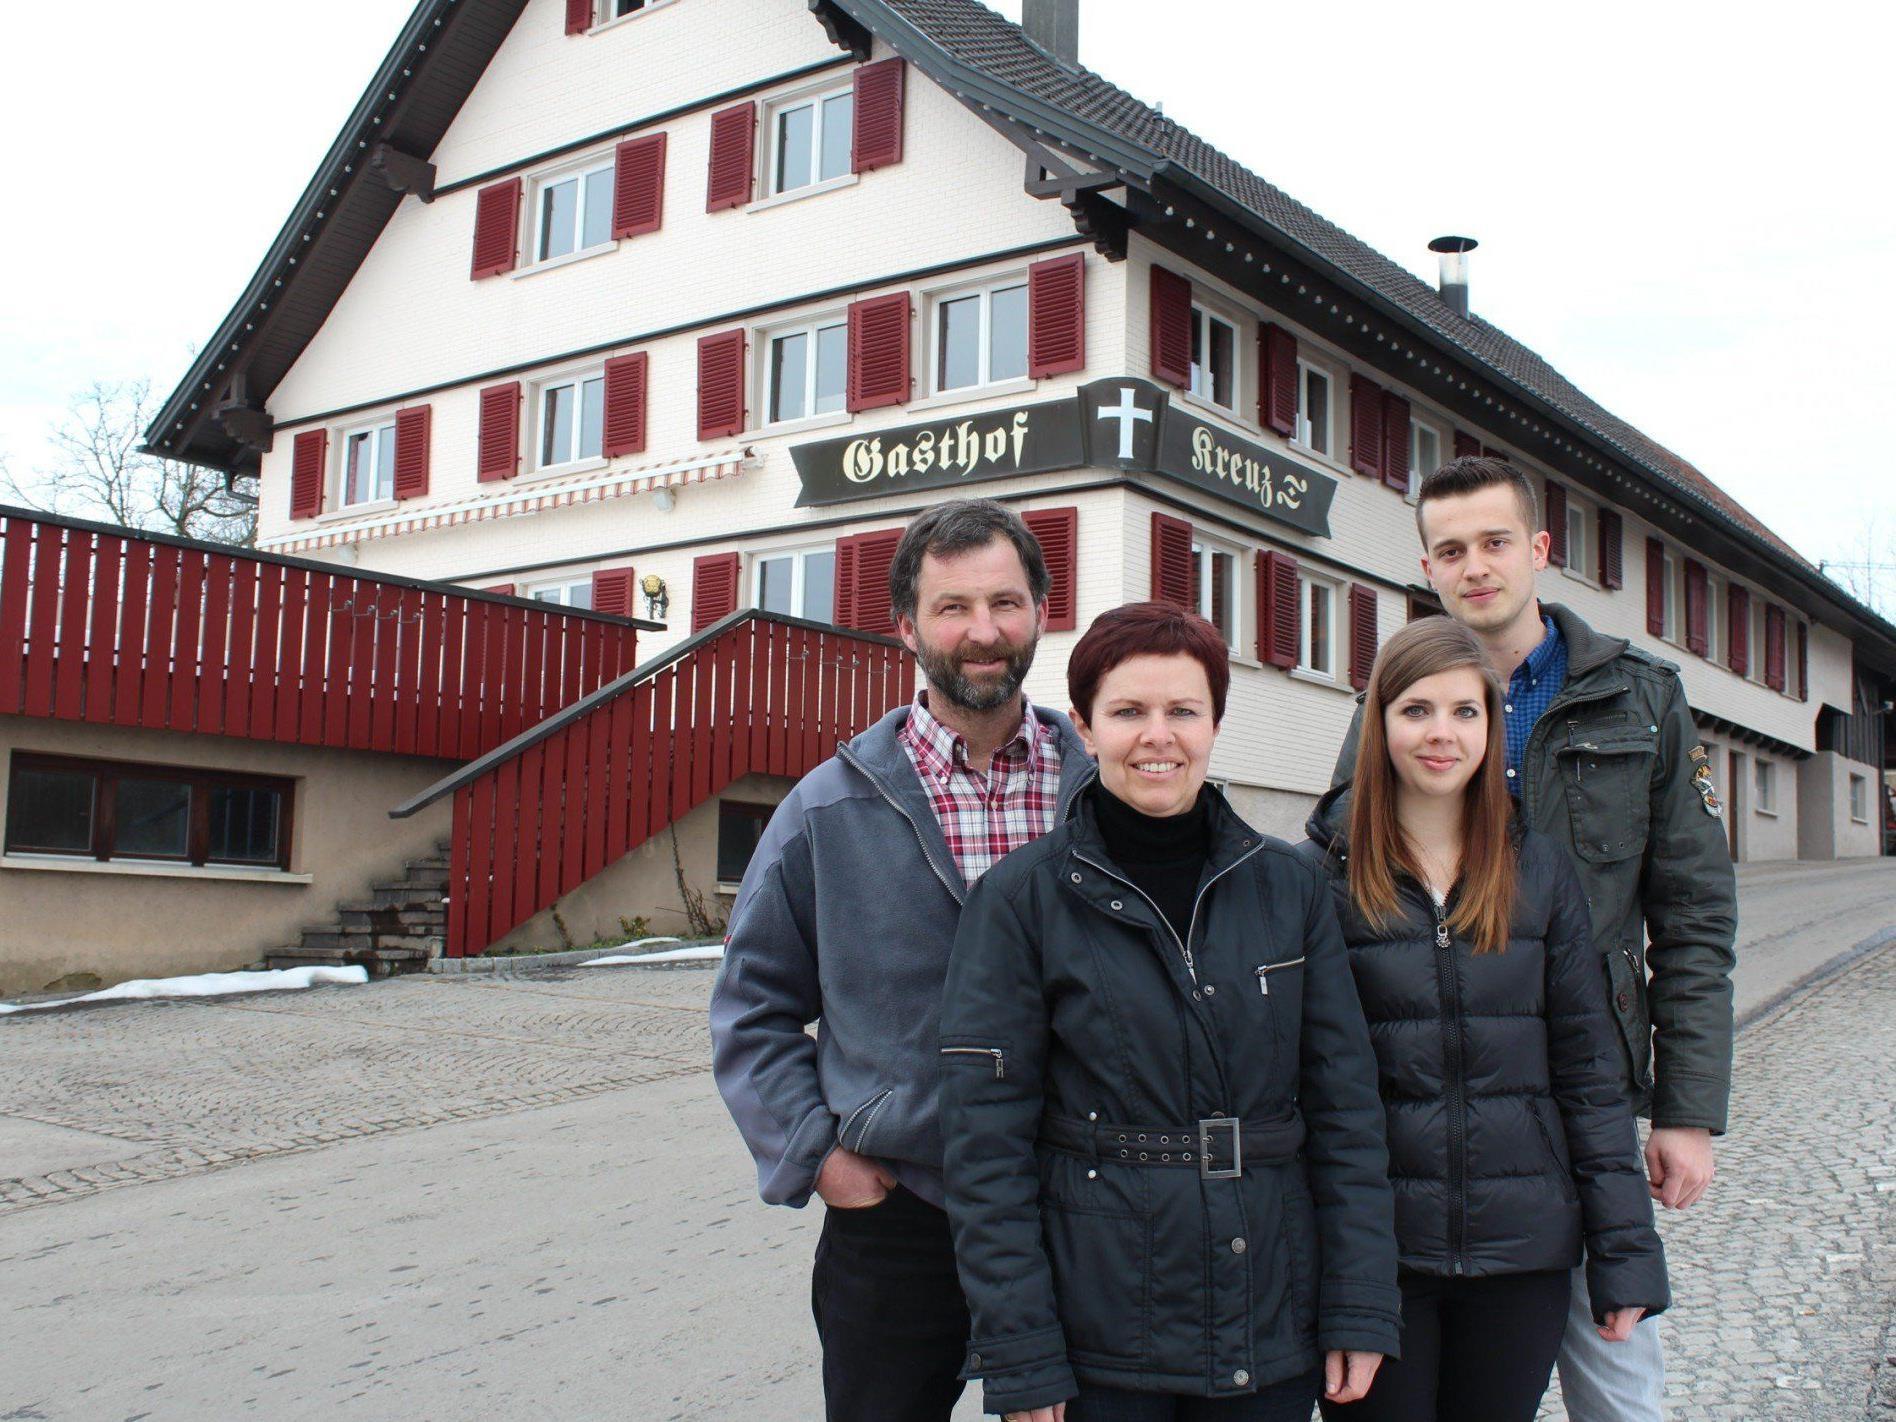 Hausherr Christoph und Annelies Böhler mit Marie-Christin Wachter und Jürgen Netzer.